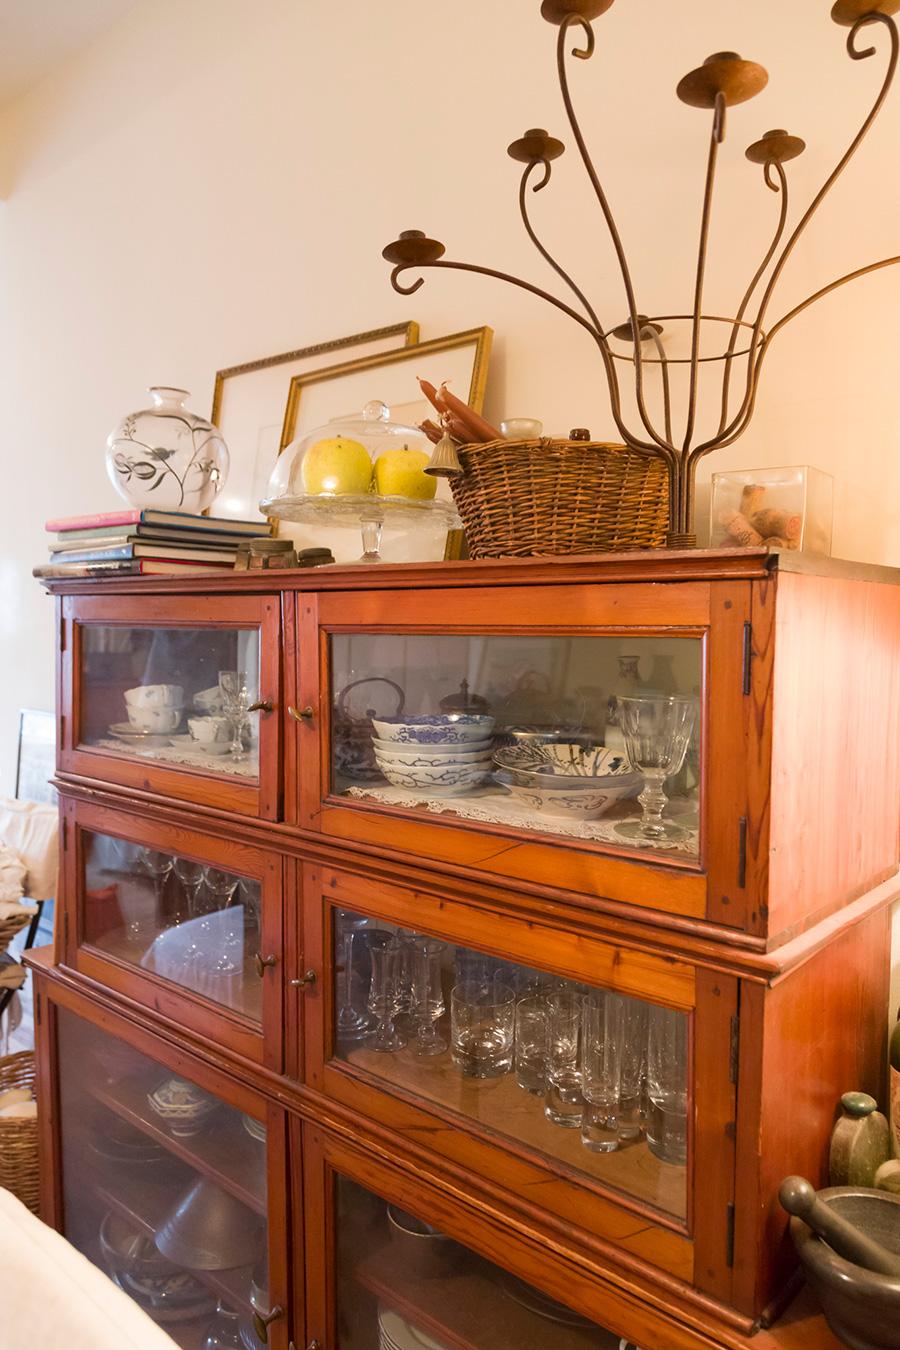 ベルギーから一緒に引っ越してきたアンティークのキャビネット。コレクションしているグラスや器が並ぶ。